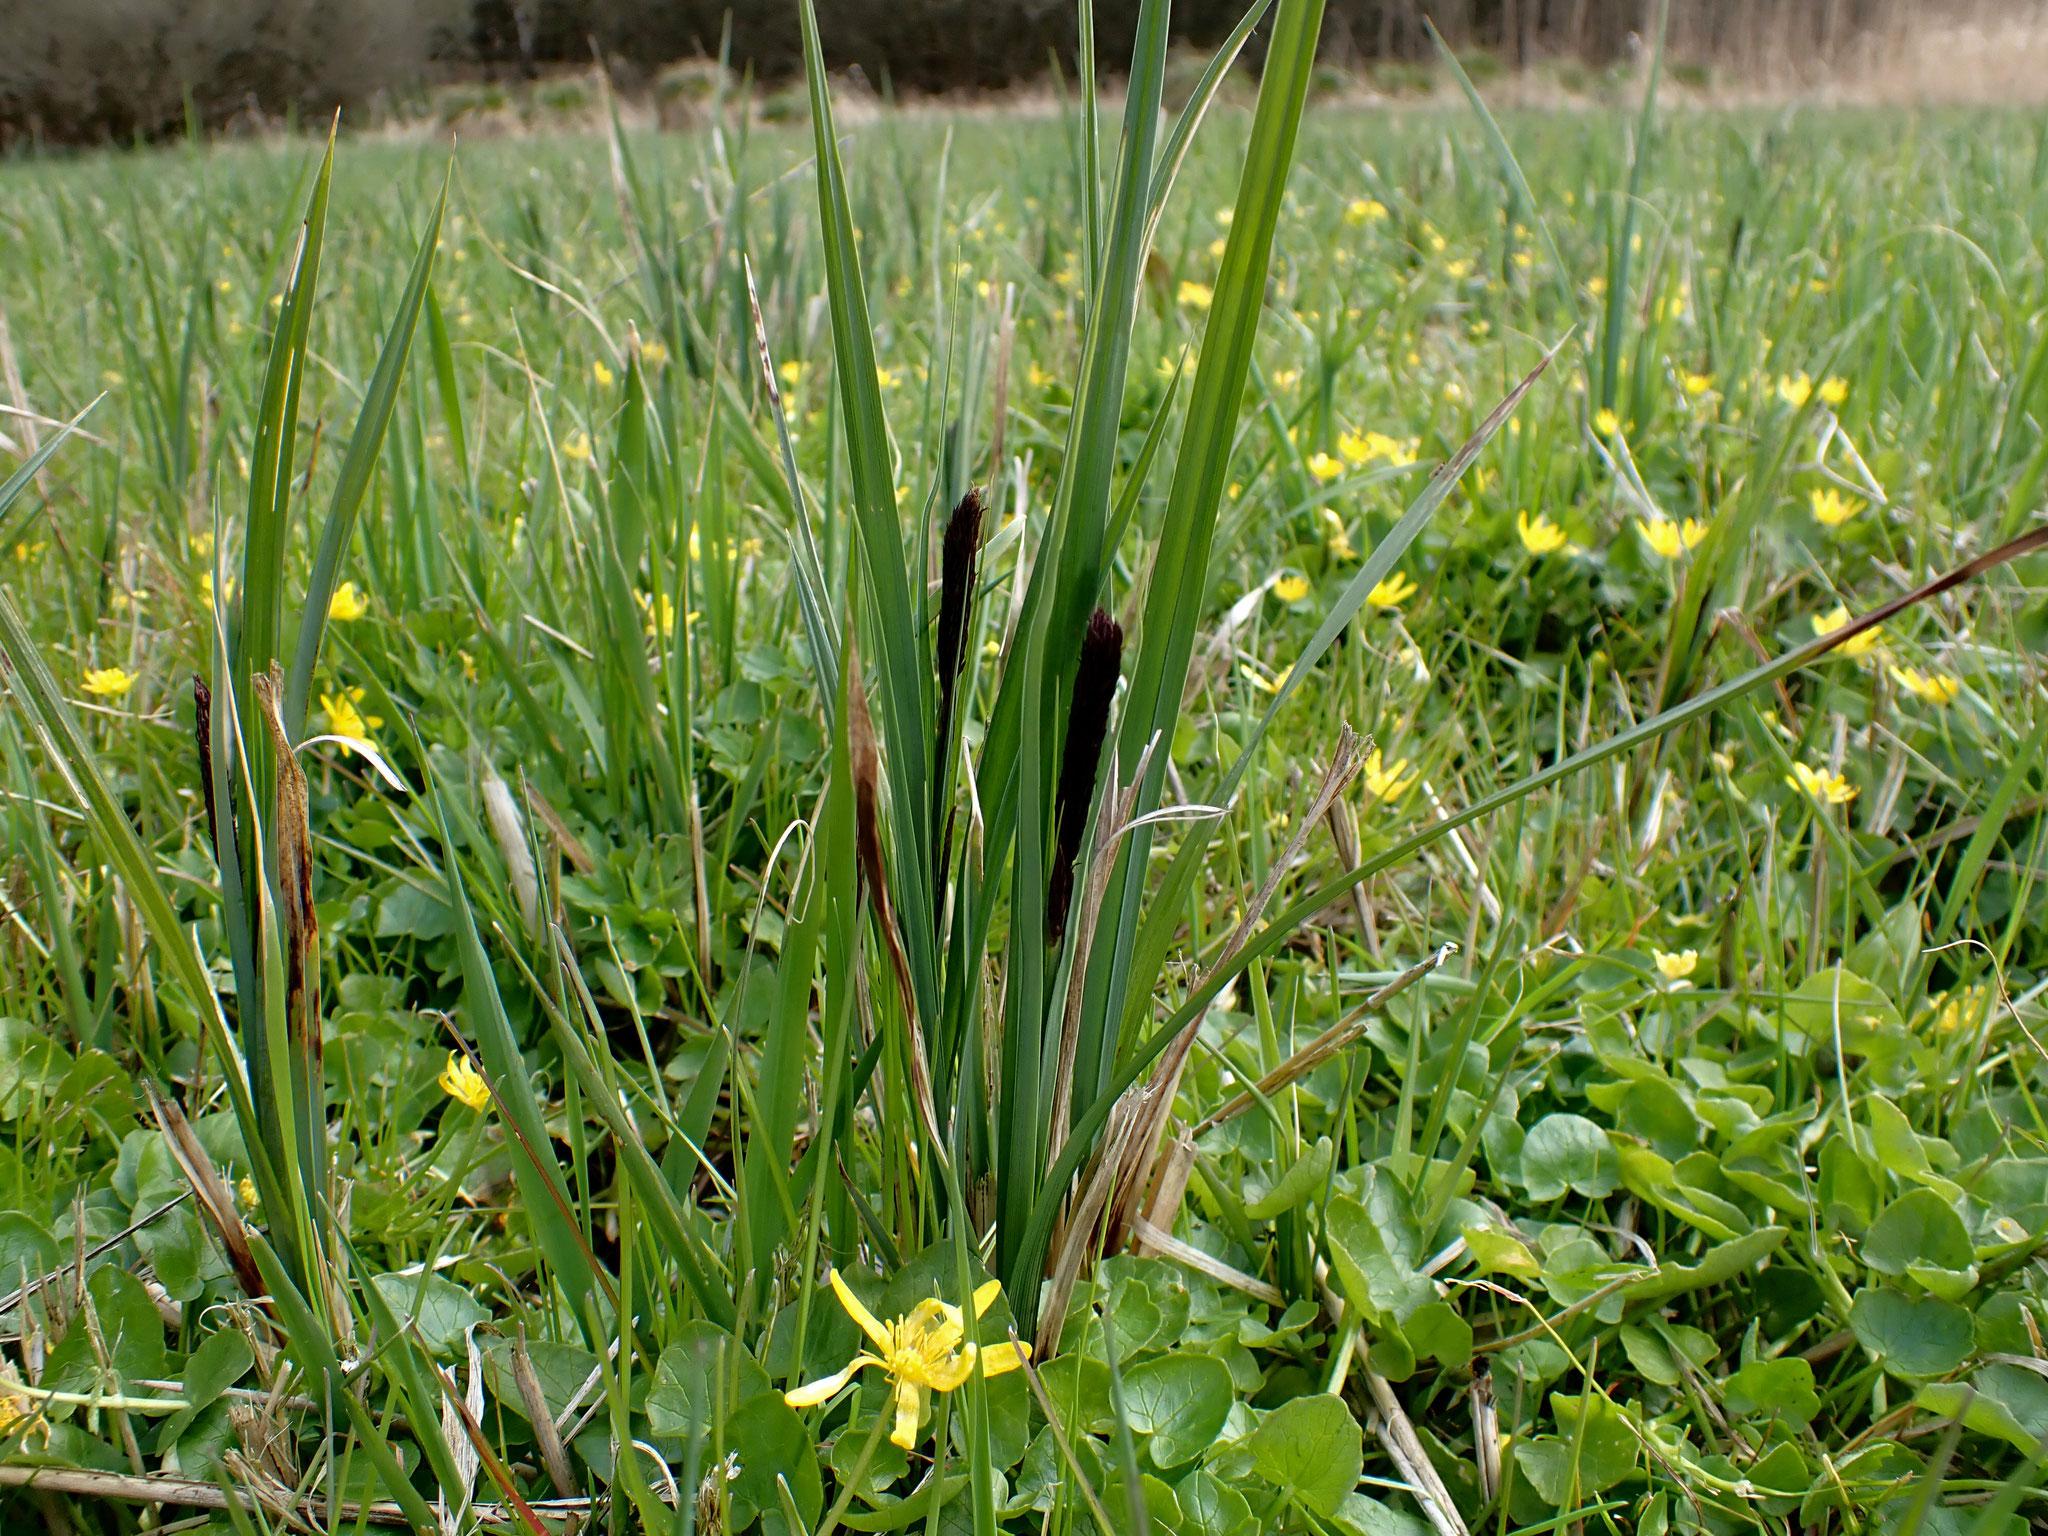 Austreibende Schlank-Segge kurz vor der Blüte.